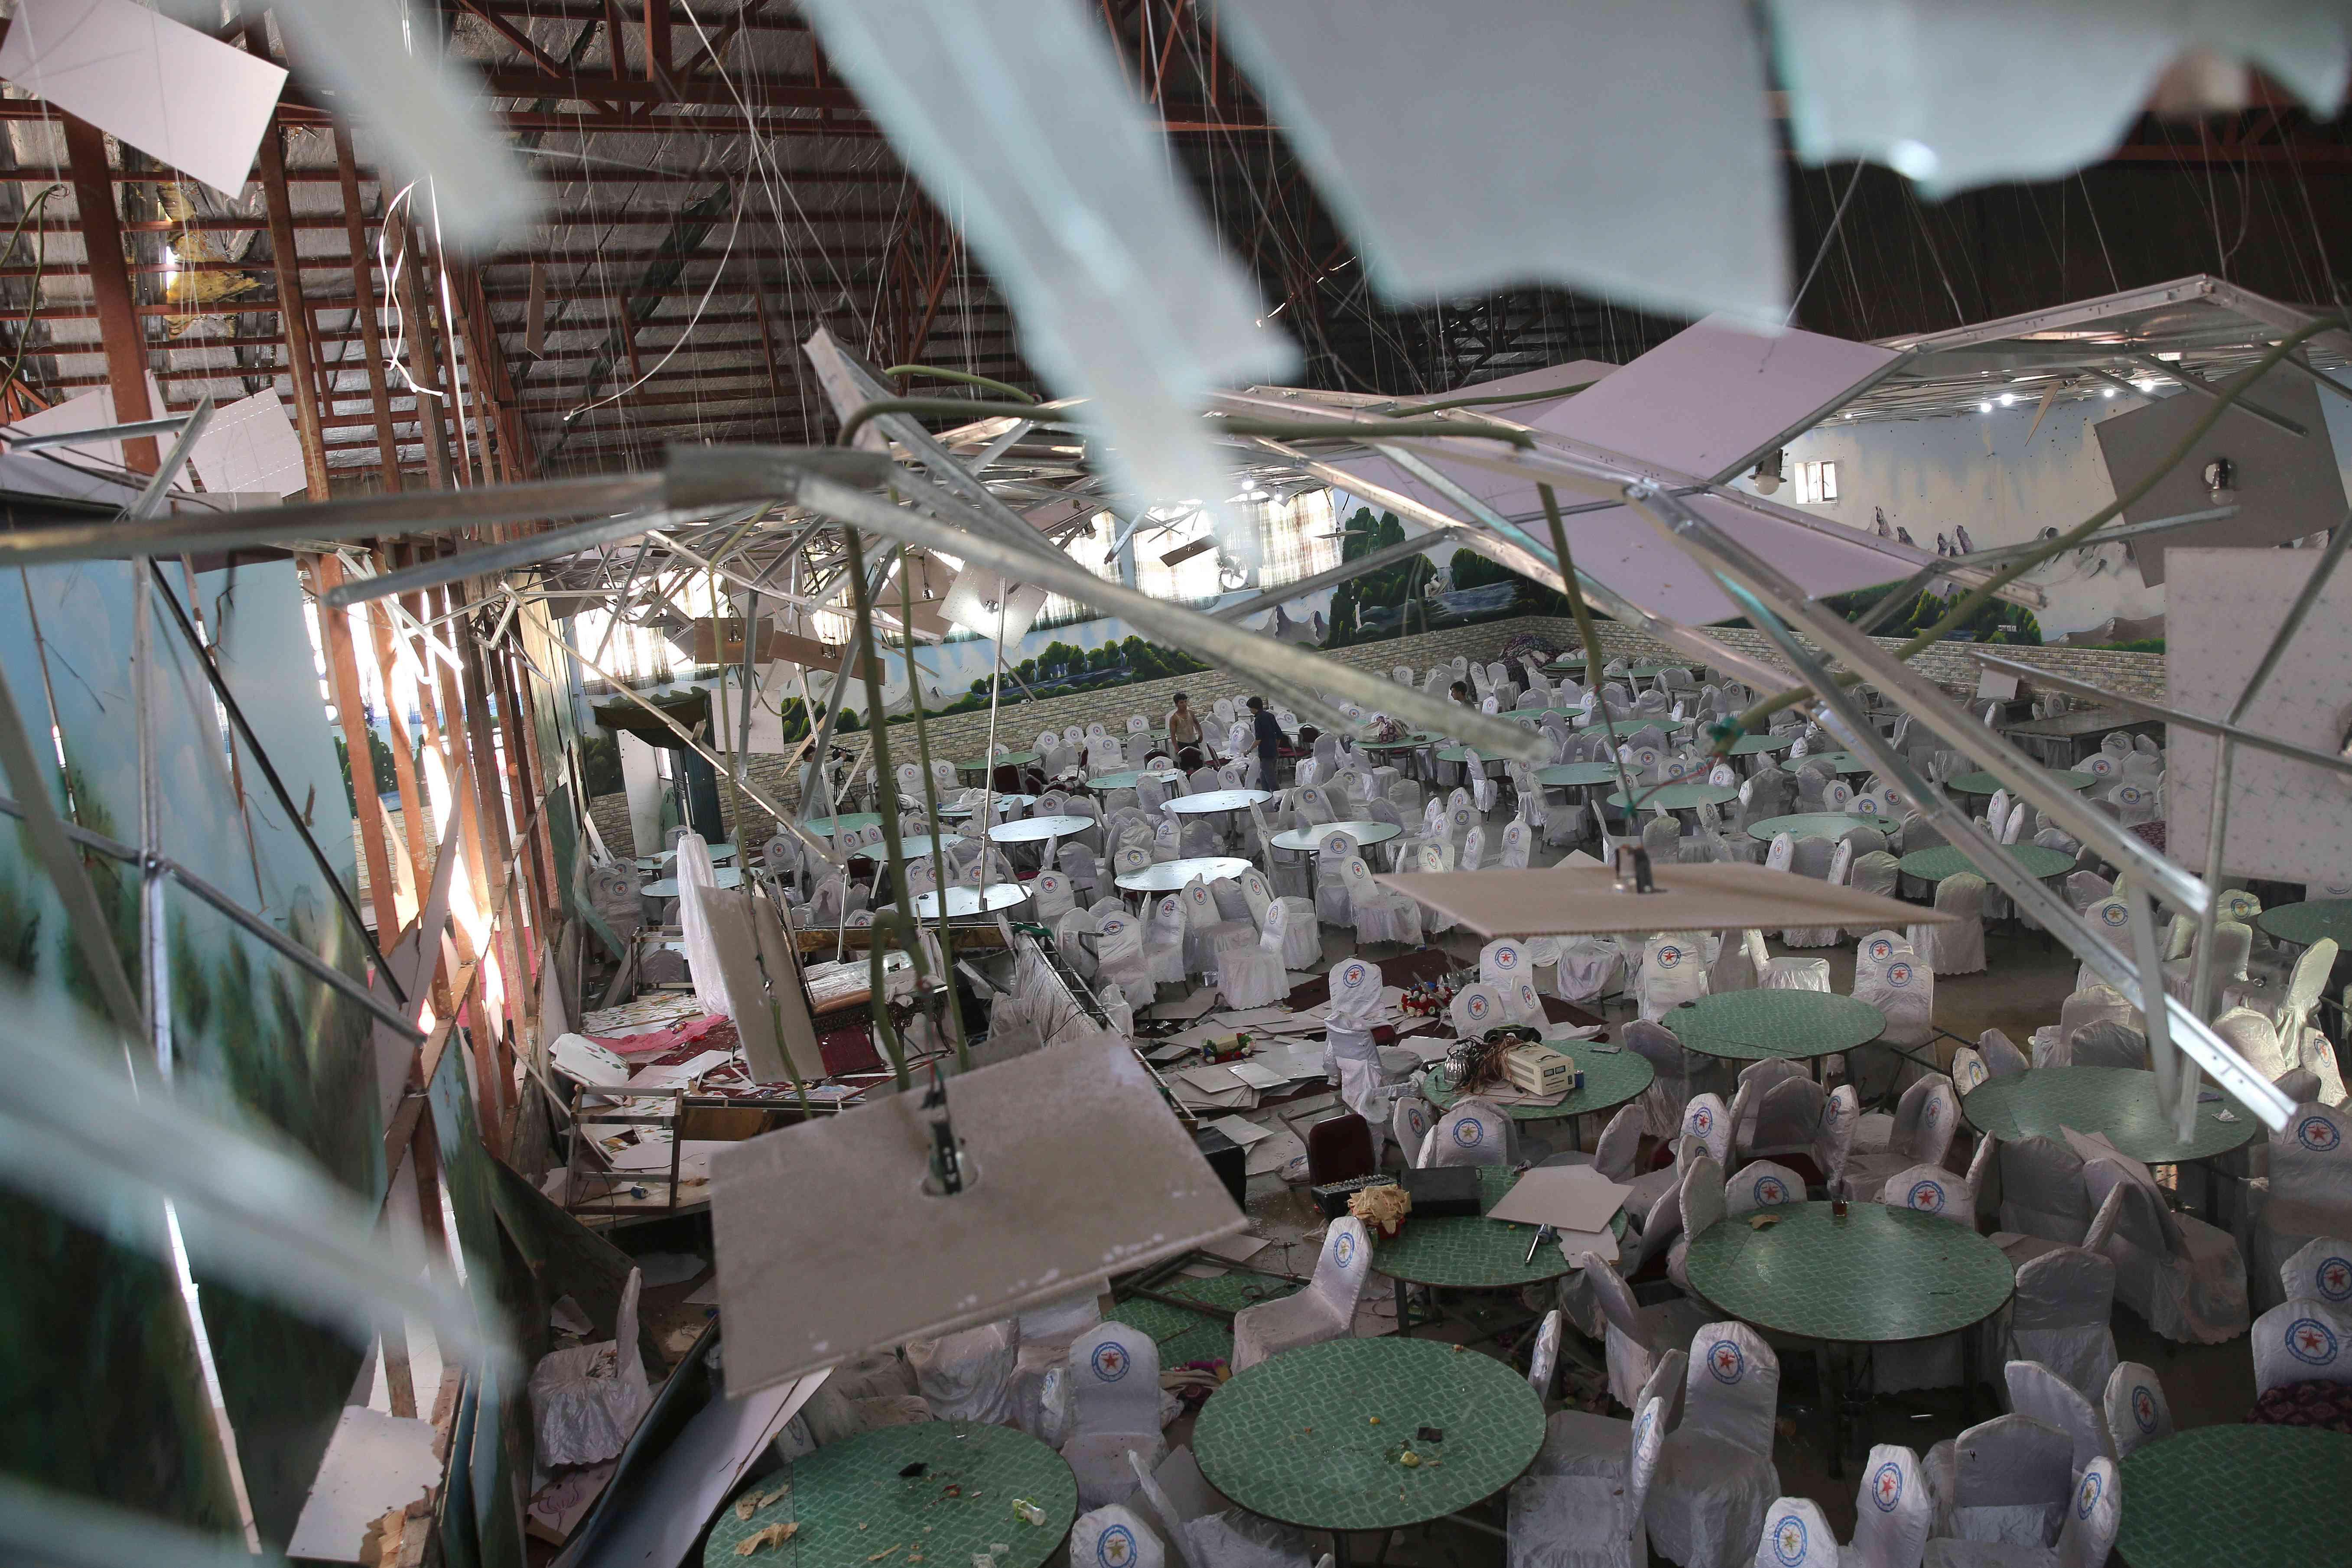 阿富汗一婚礼现场遭袭致63死182伤 婚宴会场一片狼藉